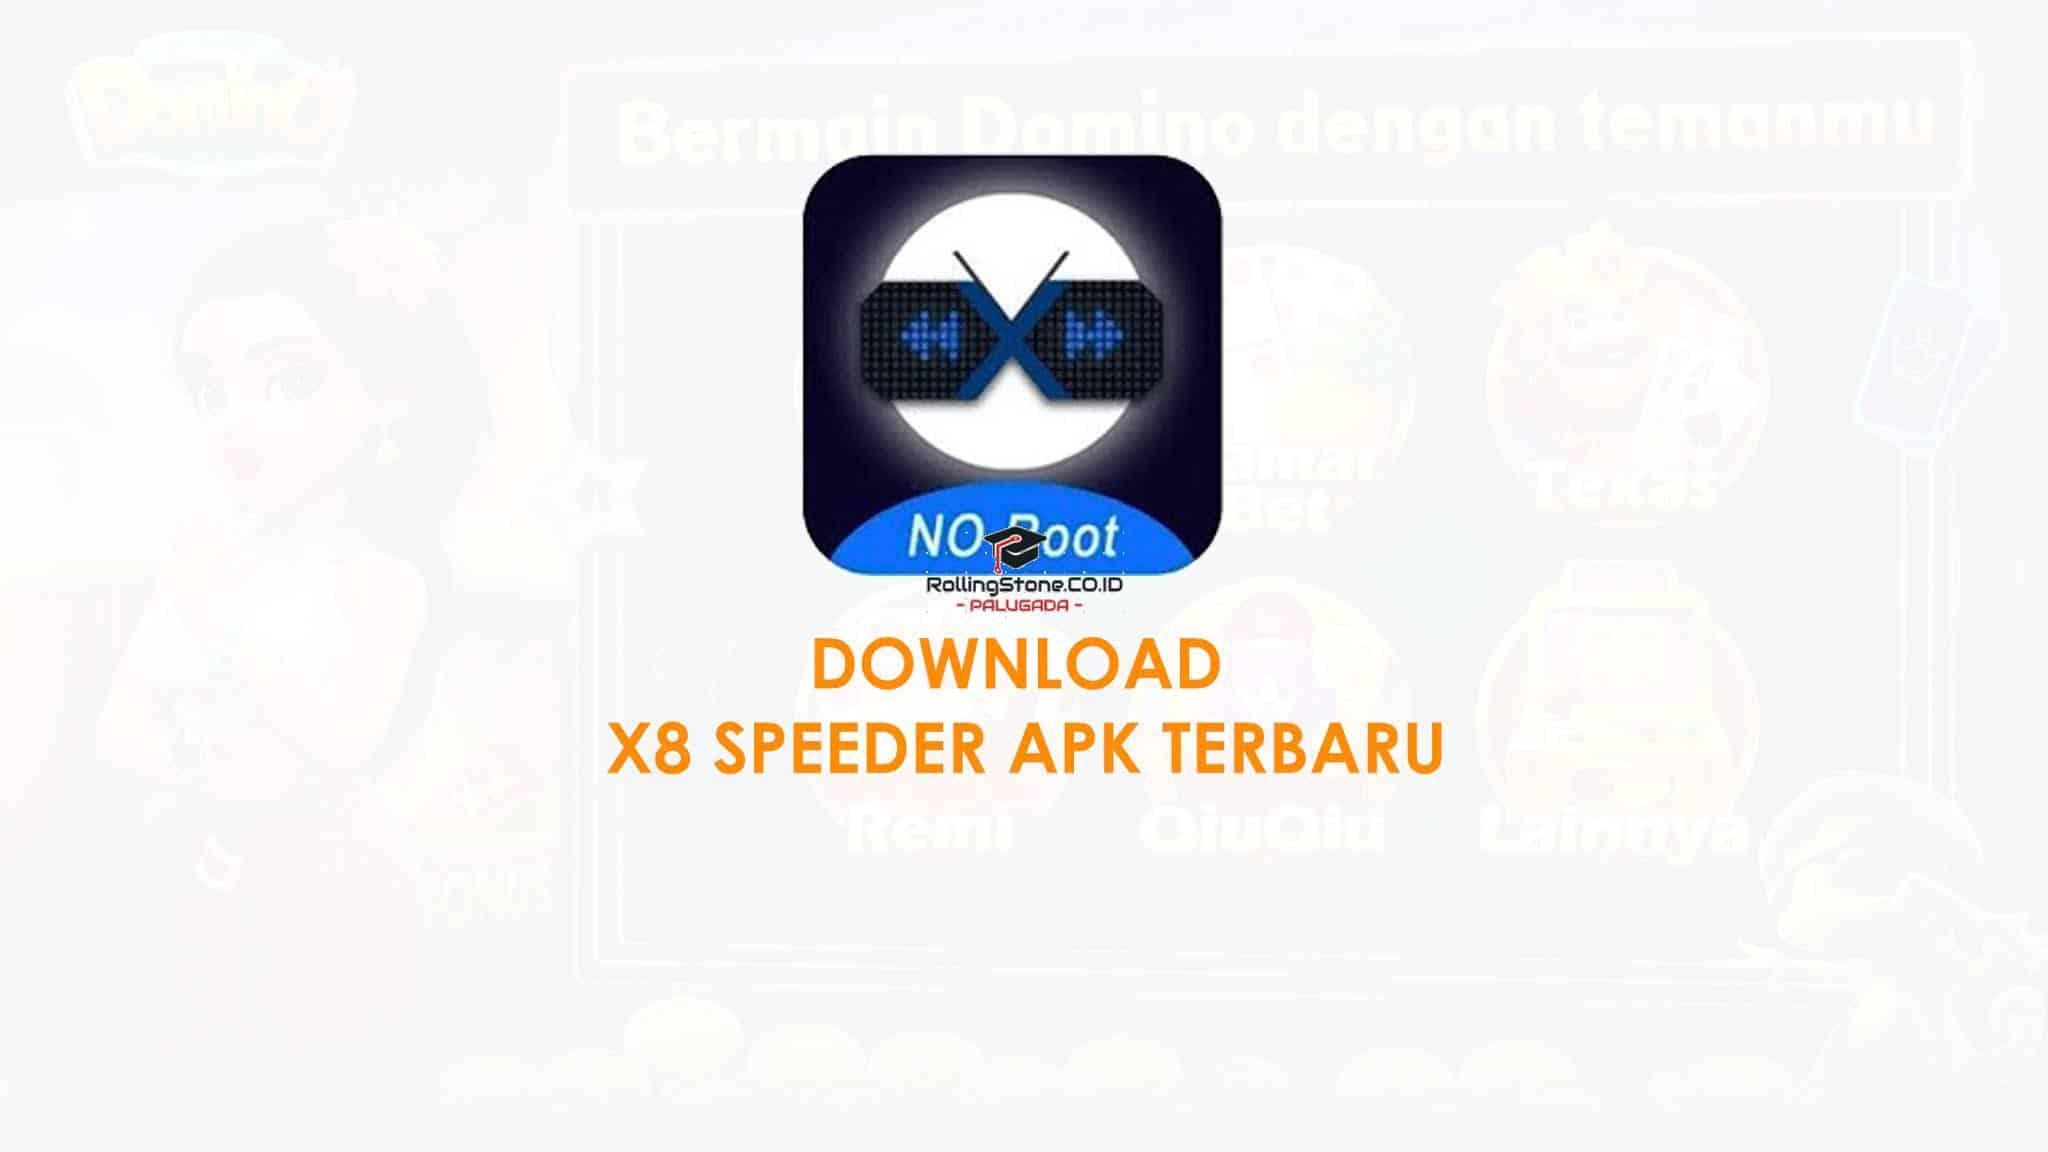 Alasan-Menggunakan-X8-Speeder